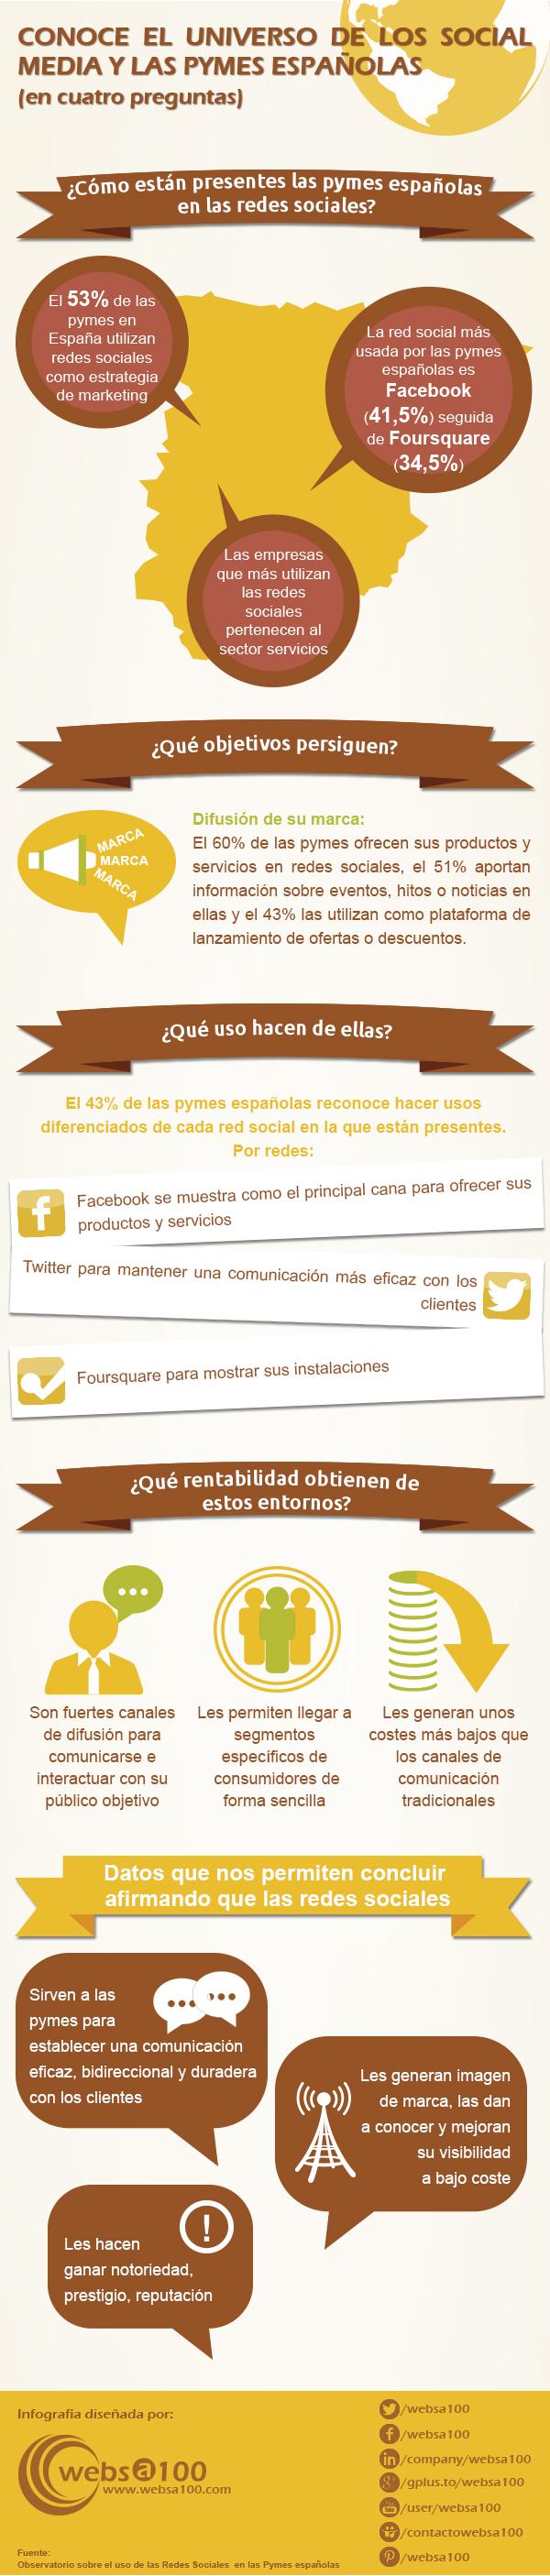 redes sociales y pymes en España